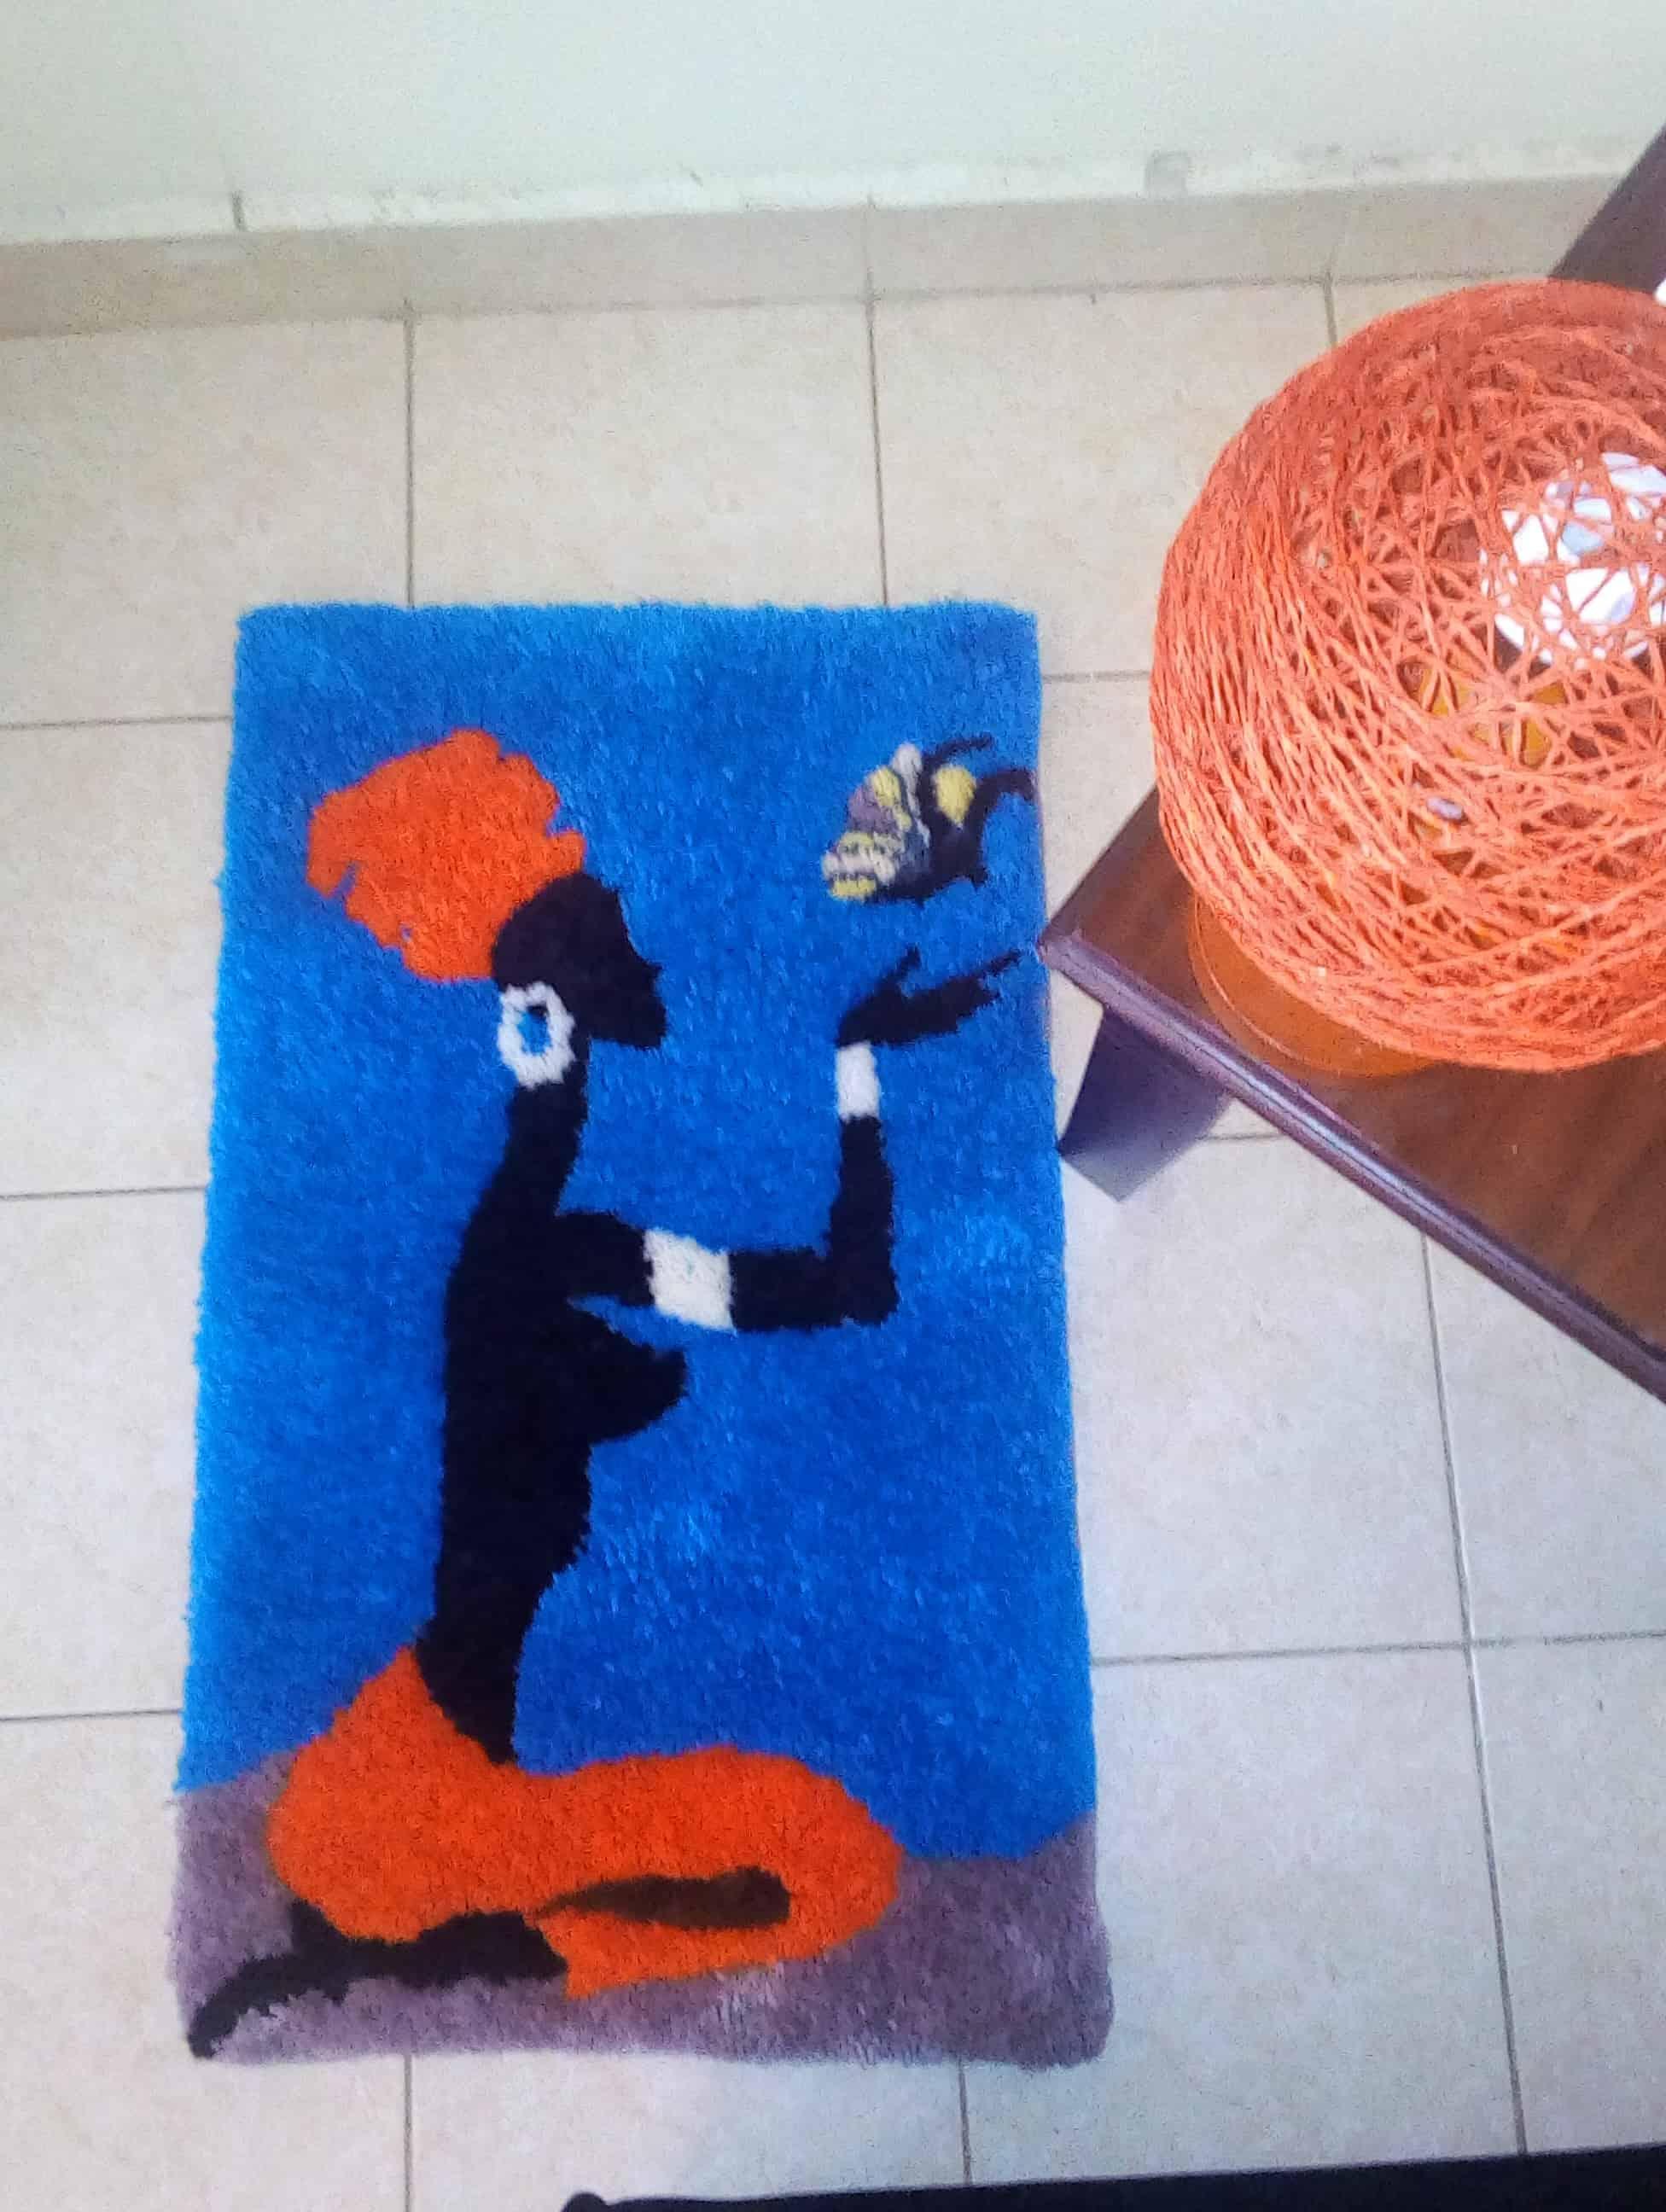 Dies ist ein Eckteppich im Auftrag eines Kunden der sowohl als Bodenteppich als auch als Wandteppich dienen kann Es ist 70 cm breit und 40 cm hoch Unsere Teppiche Teppiche sind alle abhngig von der Gre die ein Kunde bevorzugt aber unsere Standardgre ist 100cm b x 50 cm h